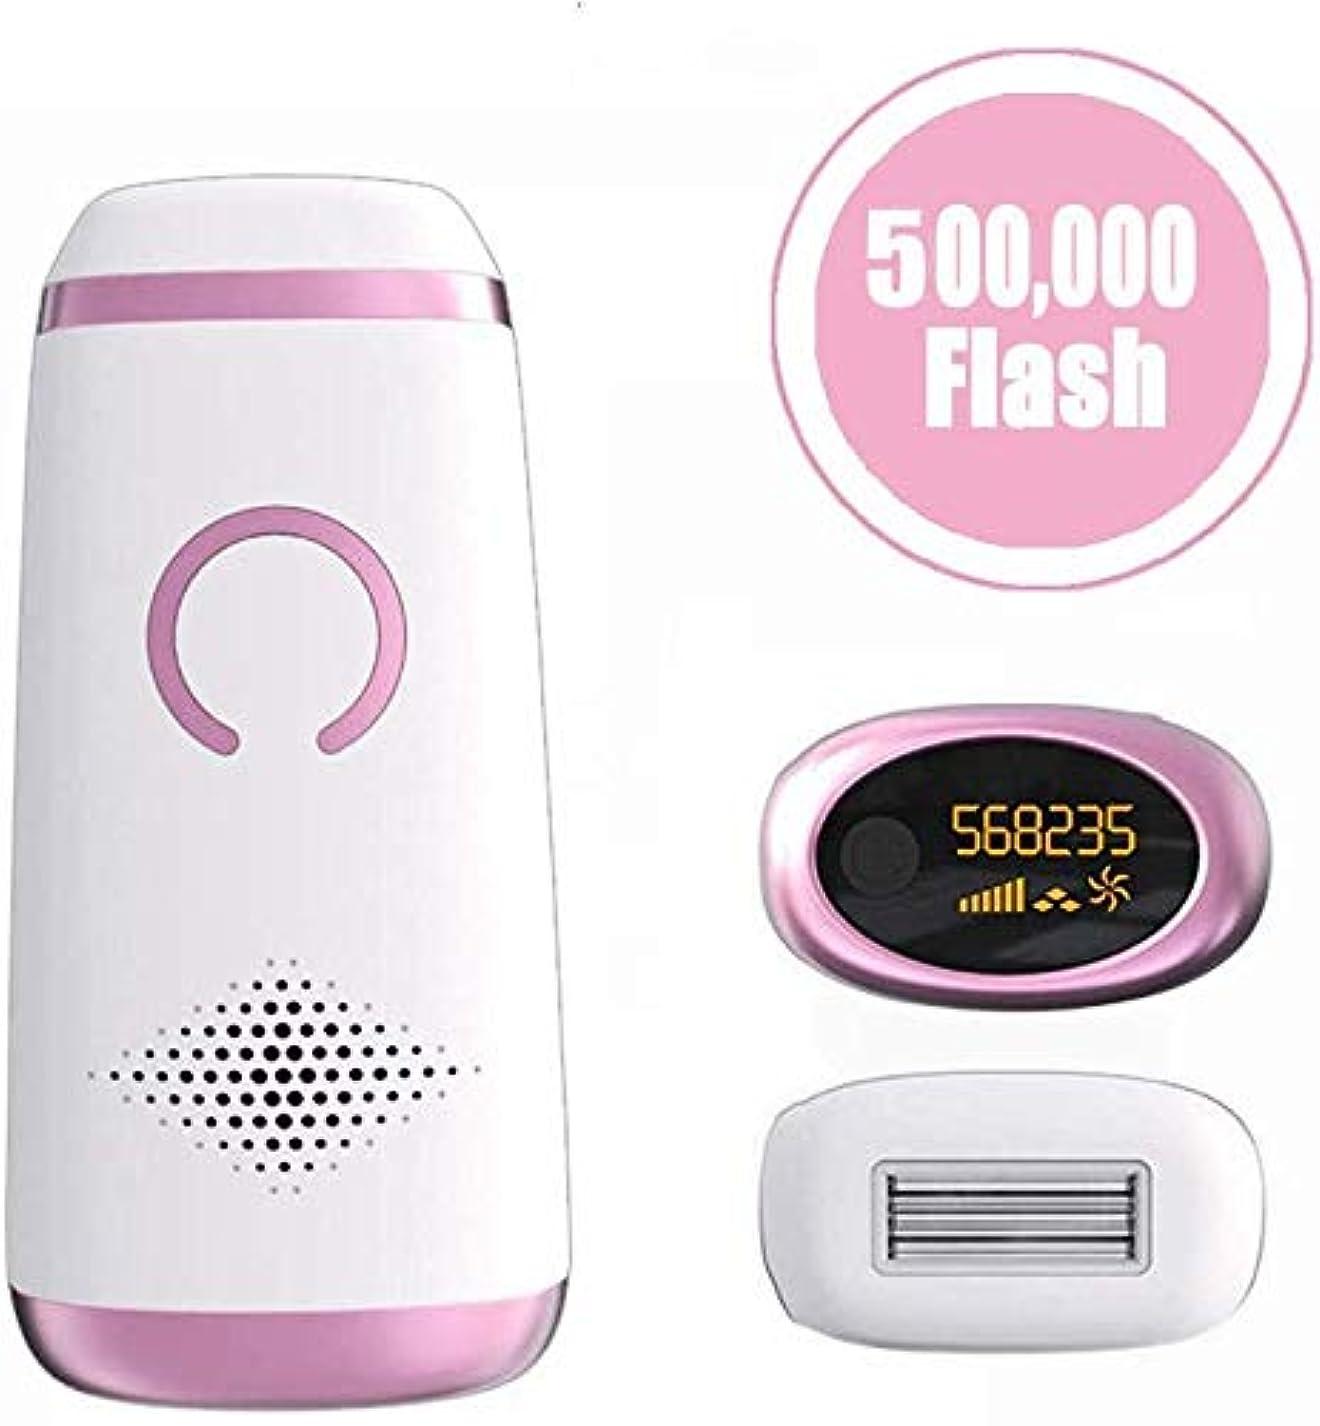 妥協スプーン寮HSBAIS 女性用脱毛システム、常設 無痛 レーザー脱毛器50万点滅 ビキニライン/足/腕/脇の下,White Pink